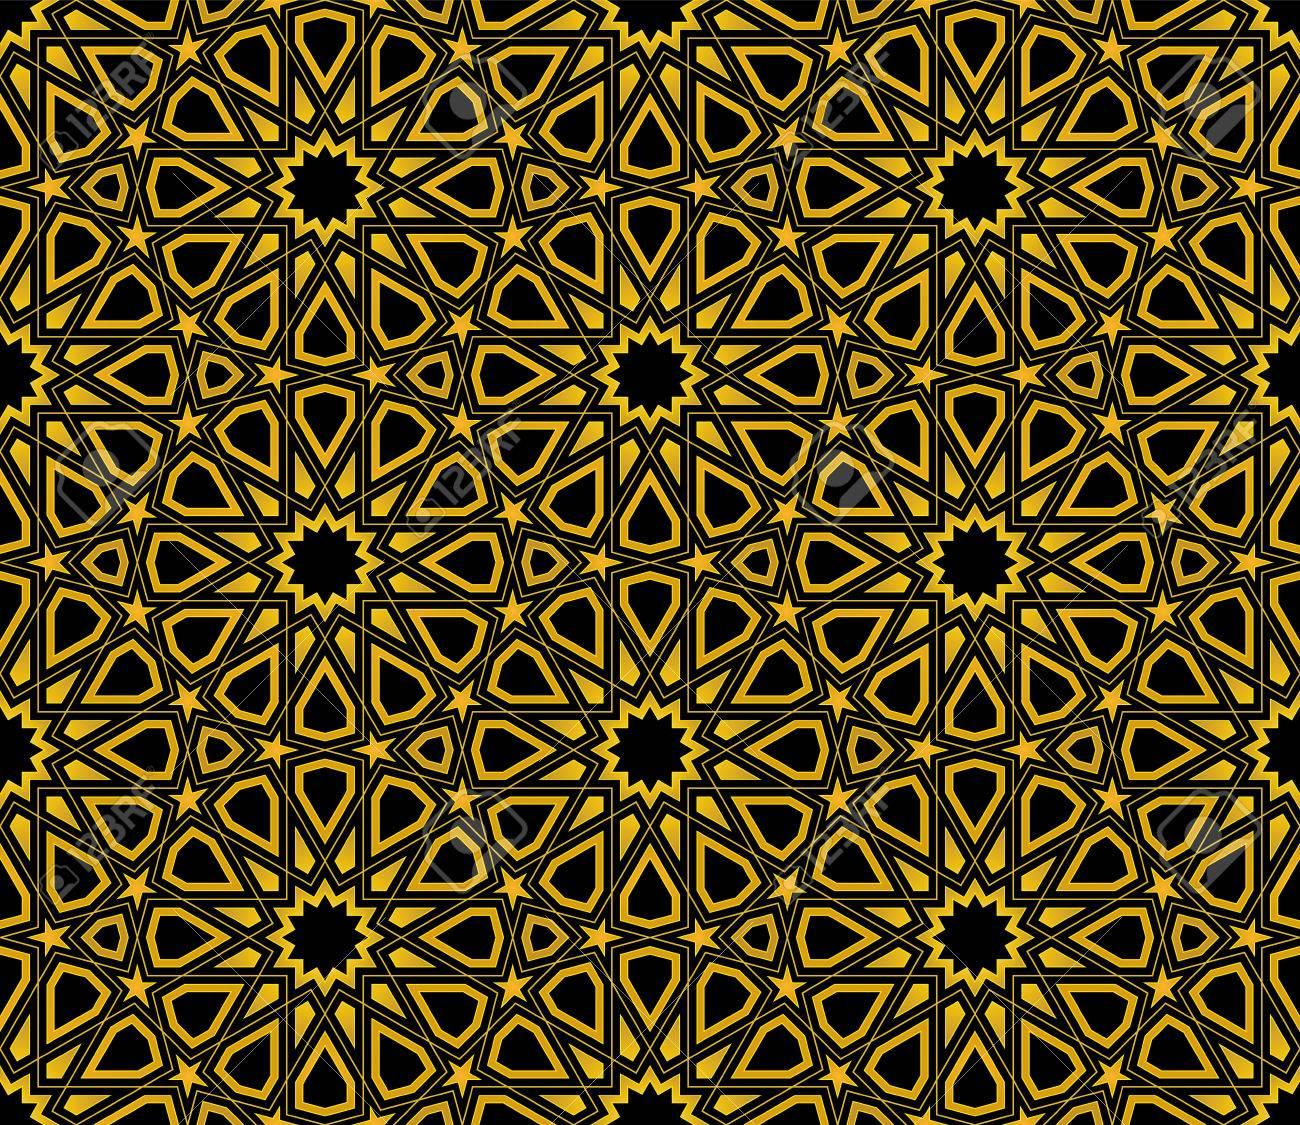 イスラム星柄シームレスな背景 壁紙デザインのイラスト素材 ベクタ